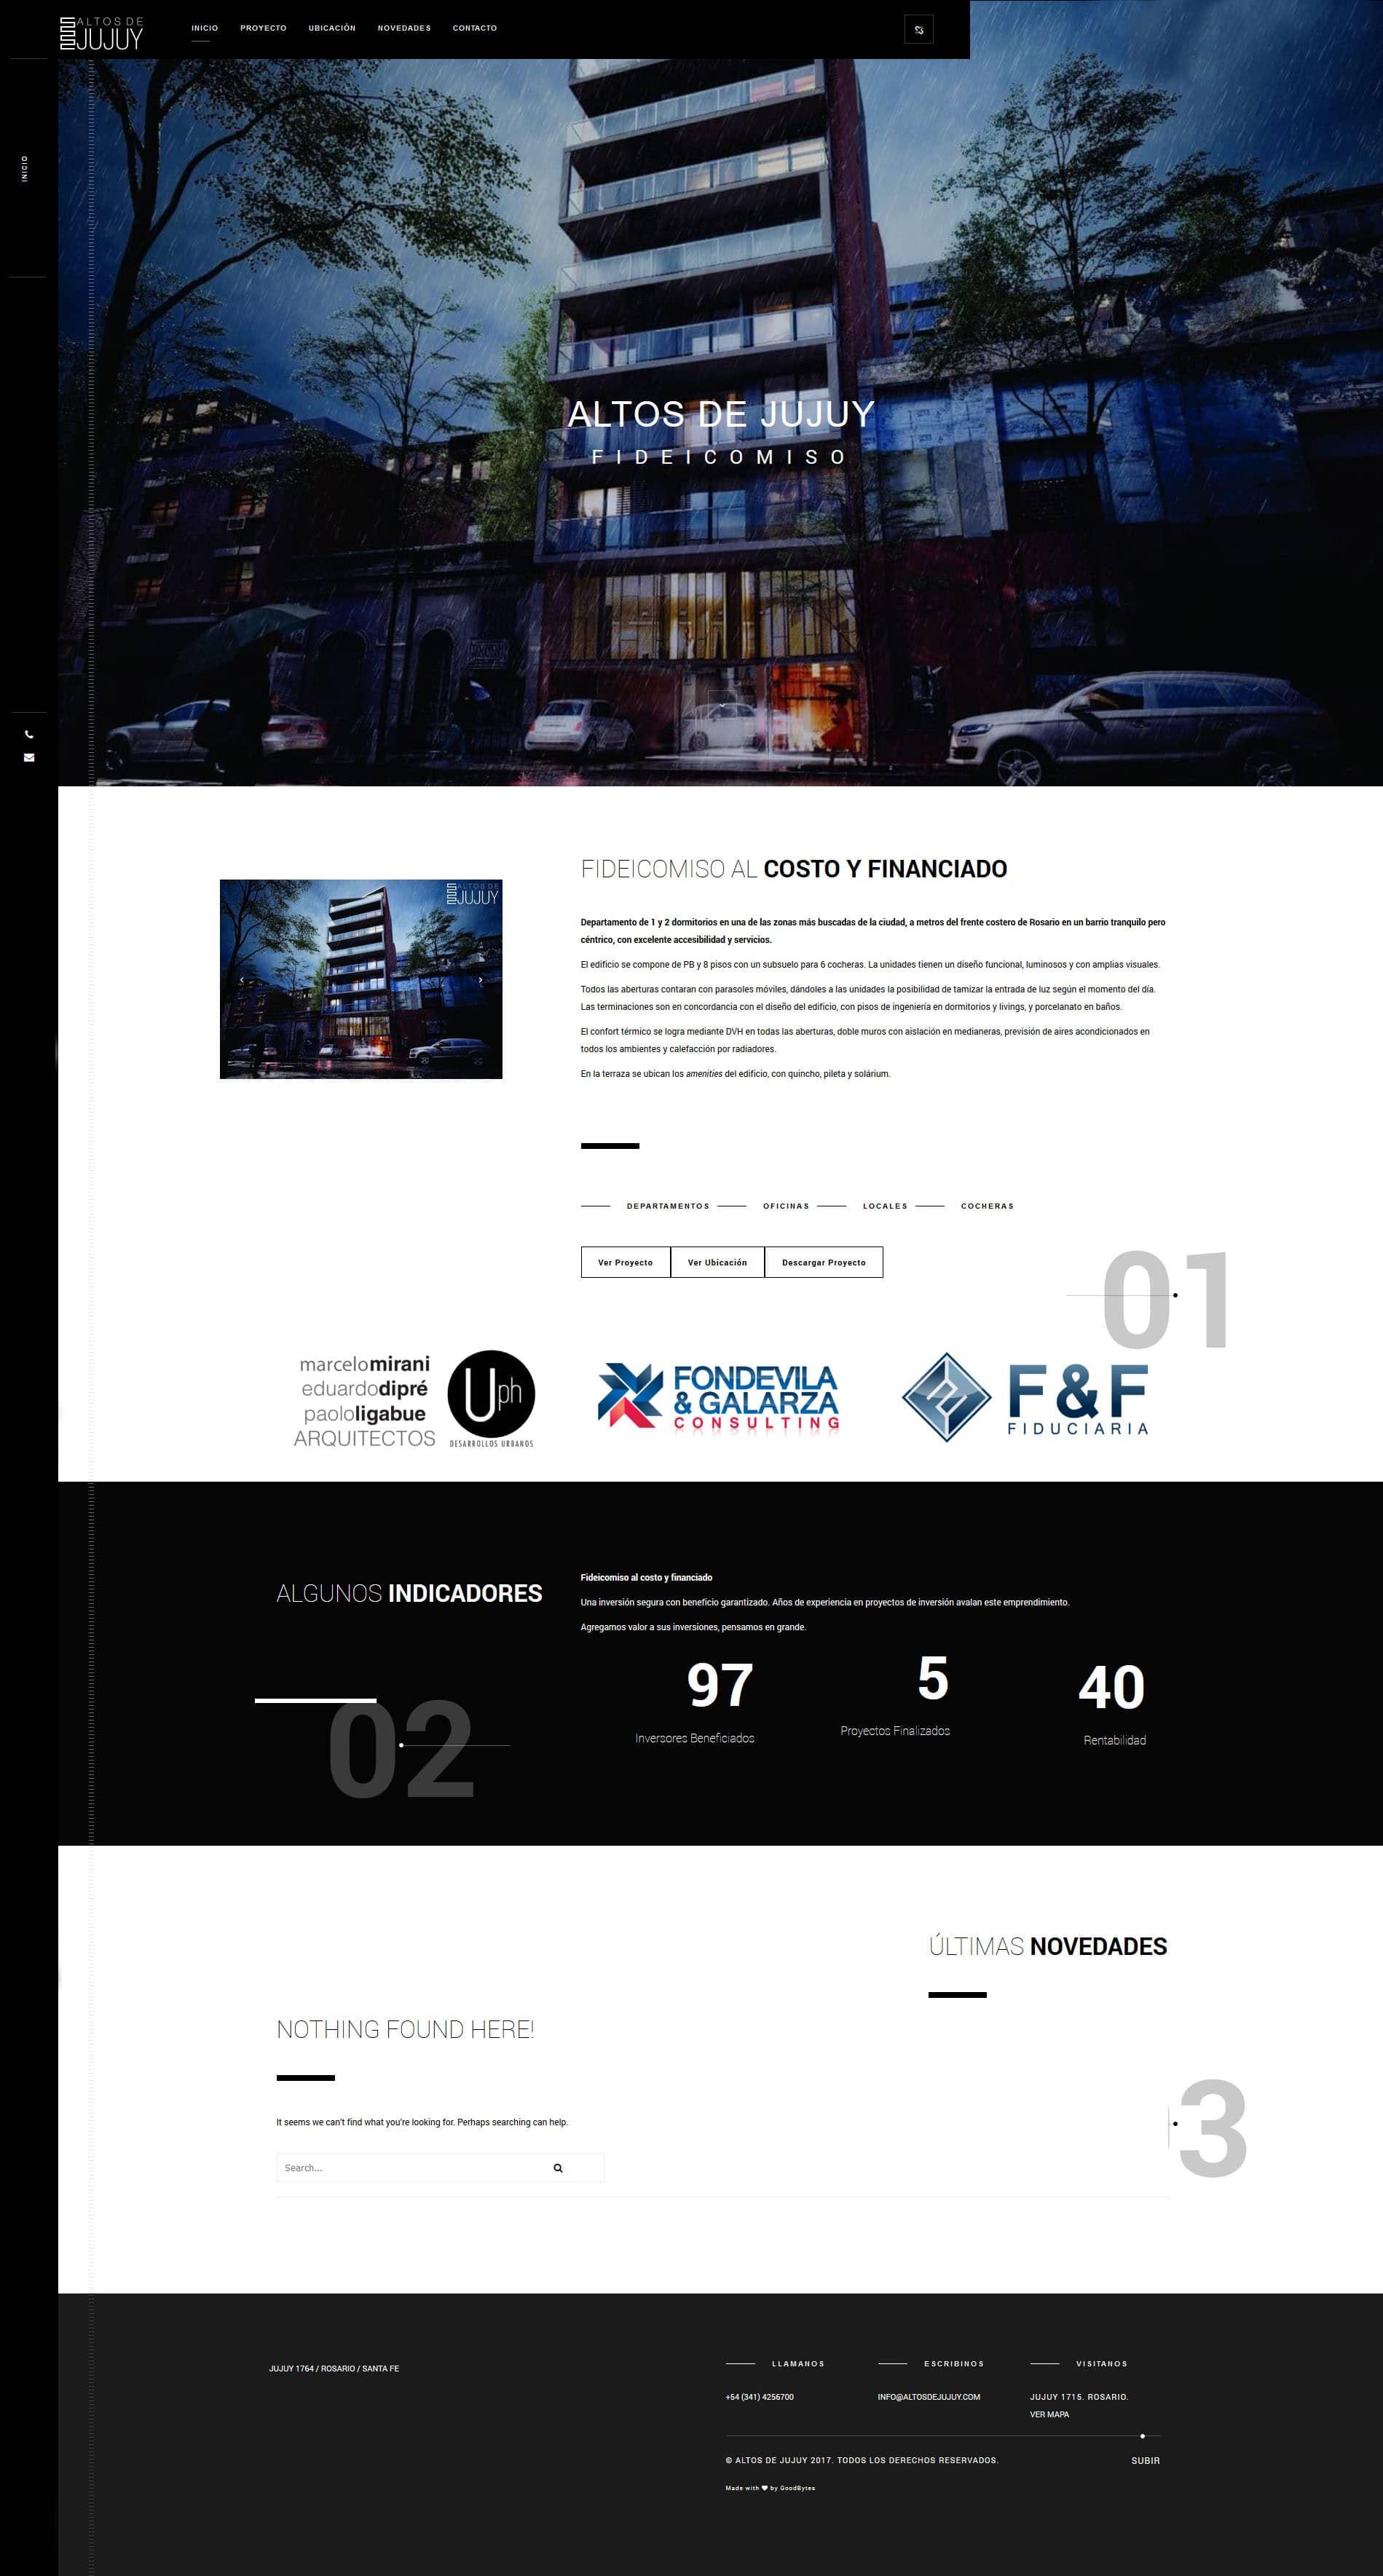 Diseño y Desarrollo Web - AltosdeJujuy